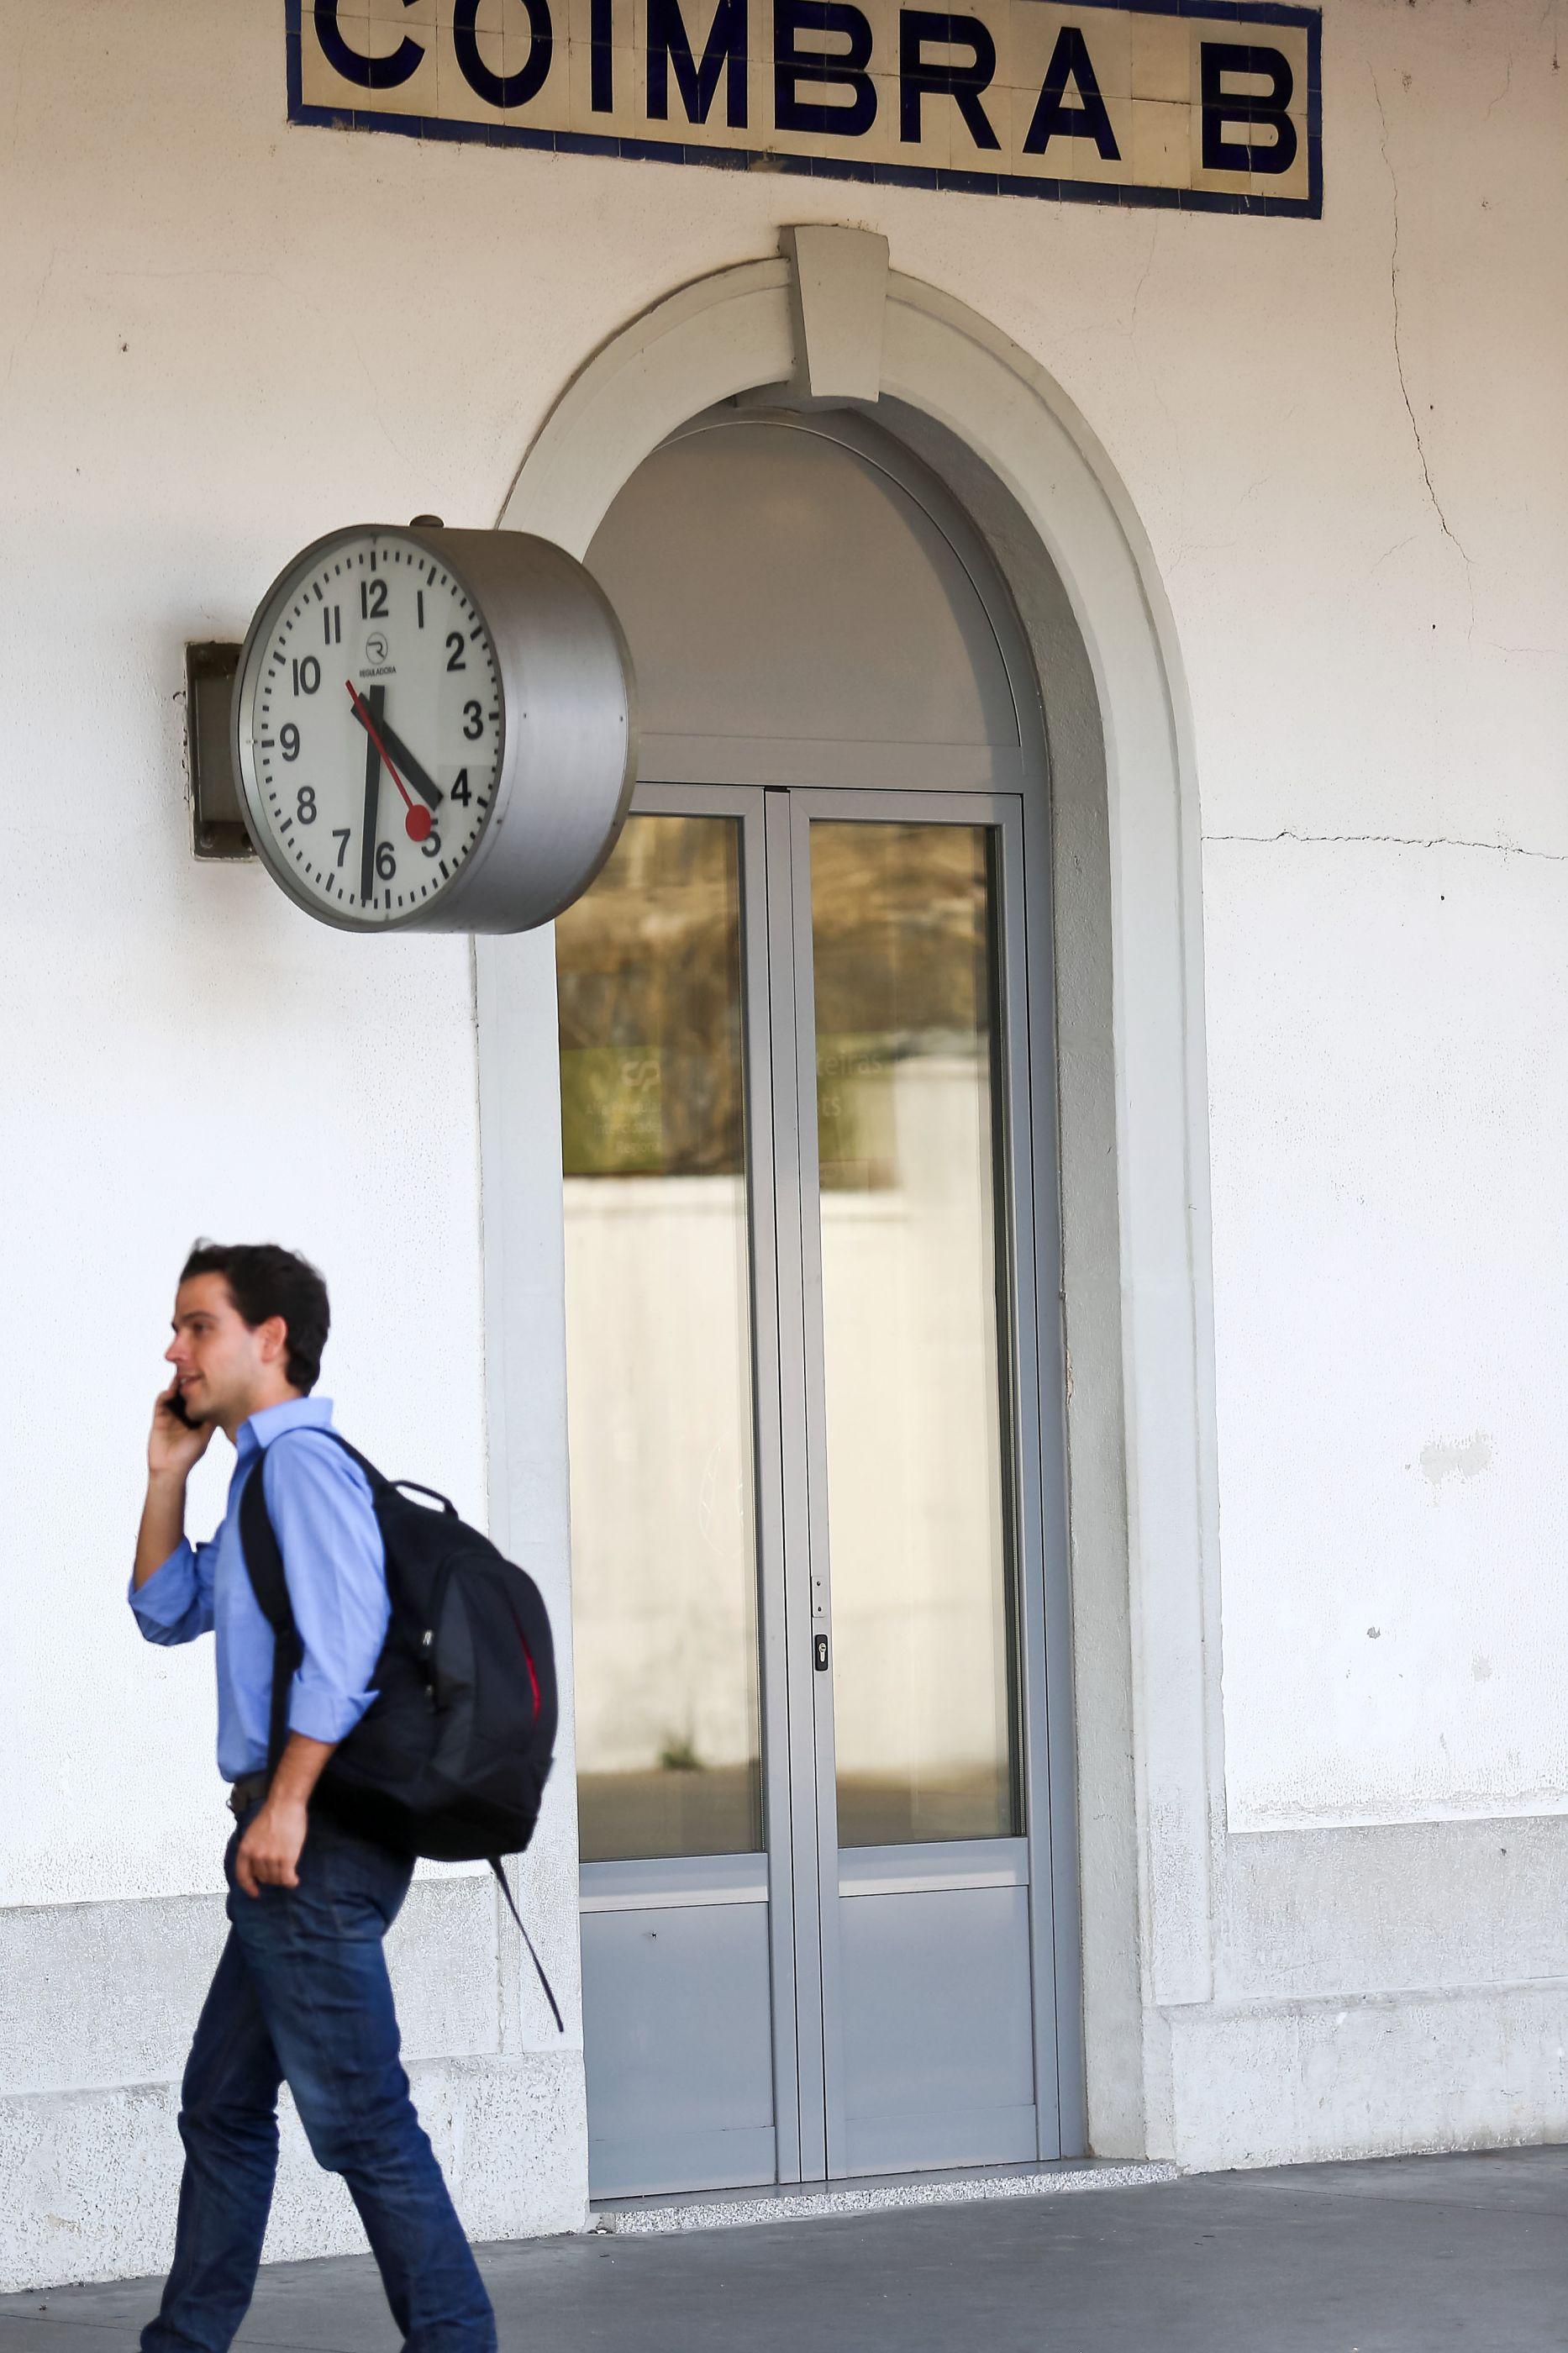 Obra da estação de Coimbra-B avança a par do terminal de 'Metrobus'